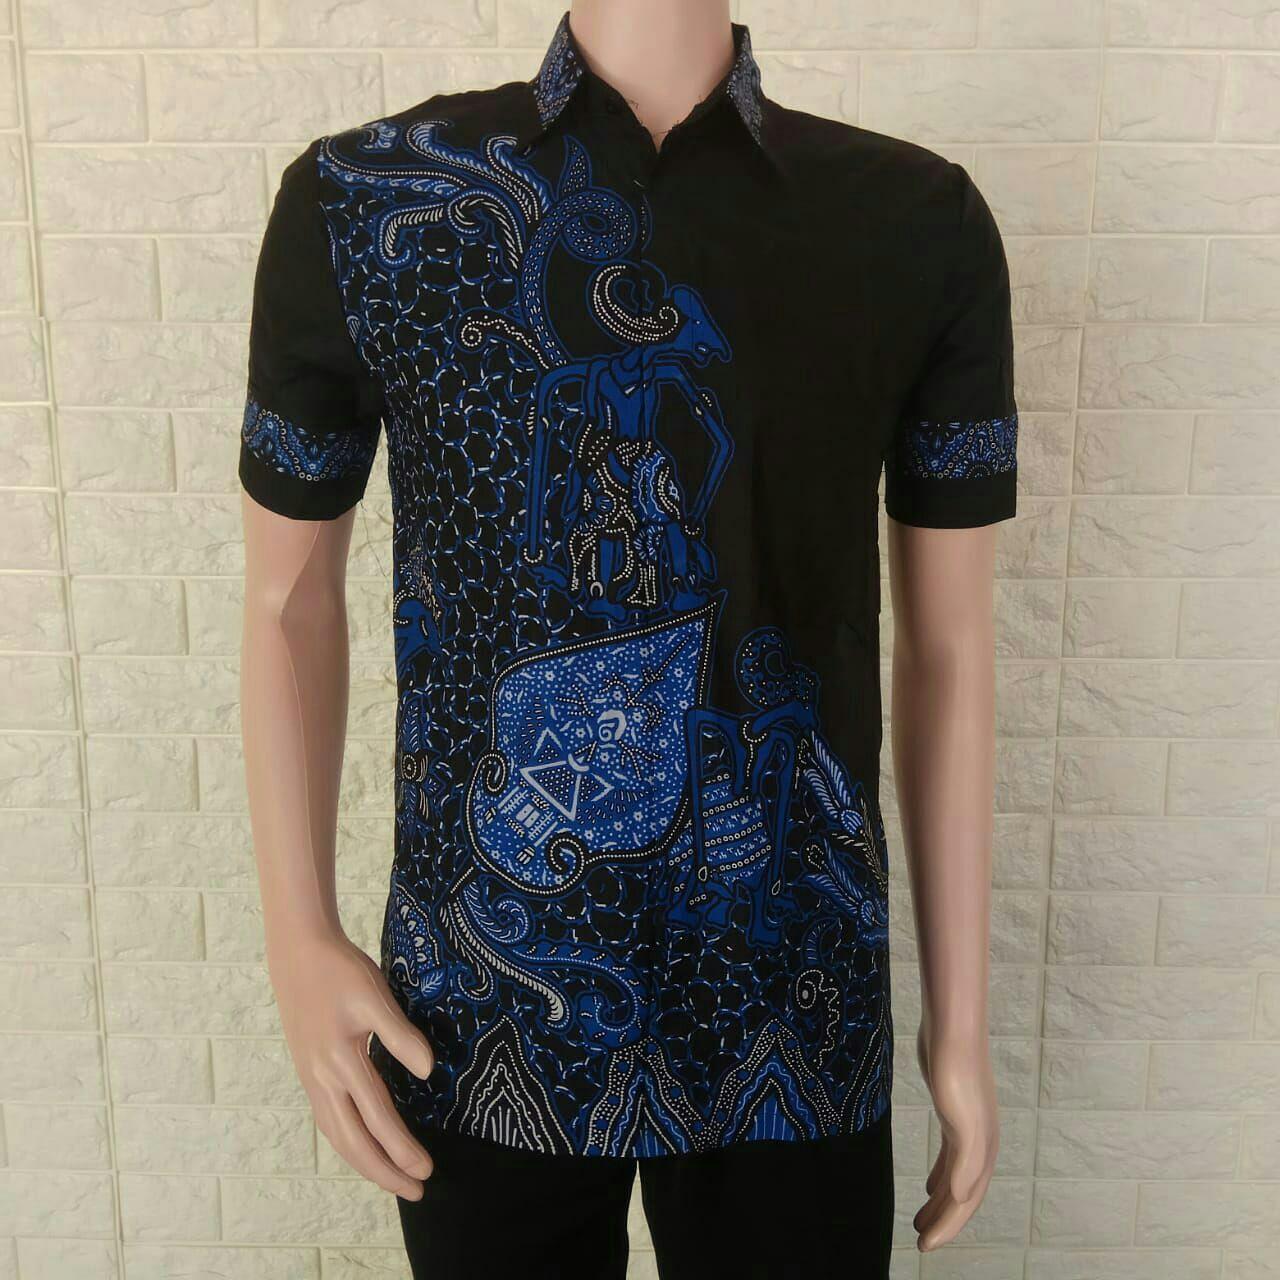 Baju Batik Pria Lengan Pendek Modern/ Kombinasi / Murah / Keren / Terbaru / Kemeja